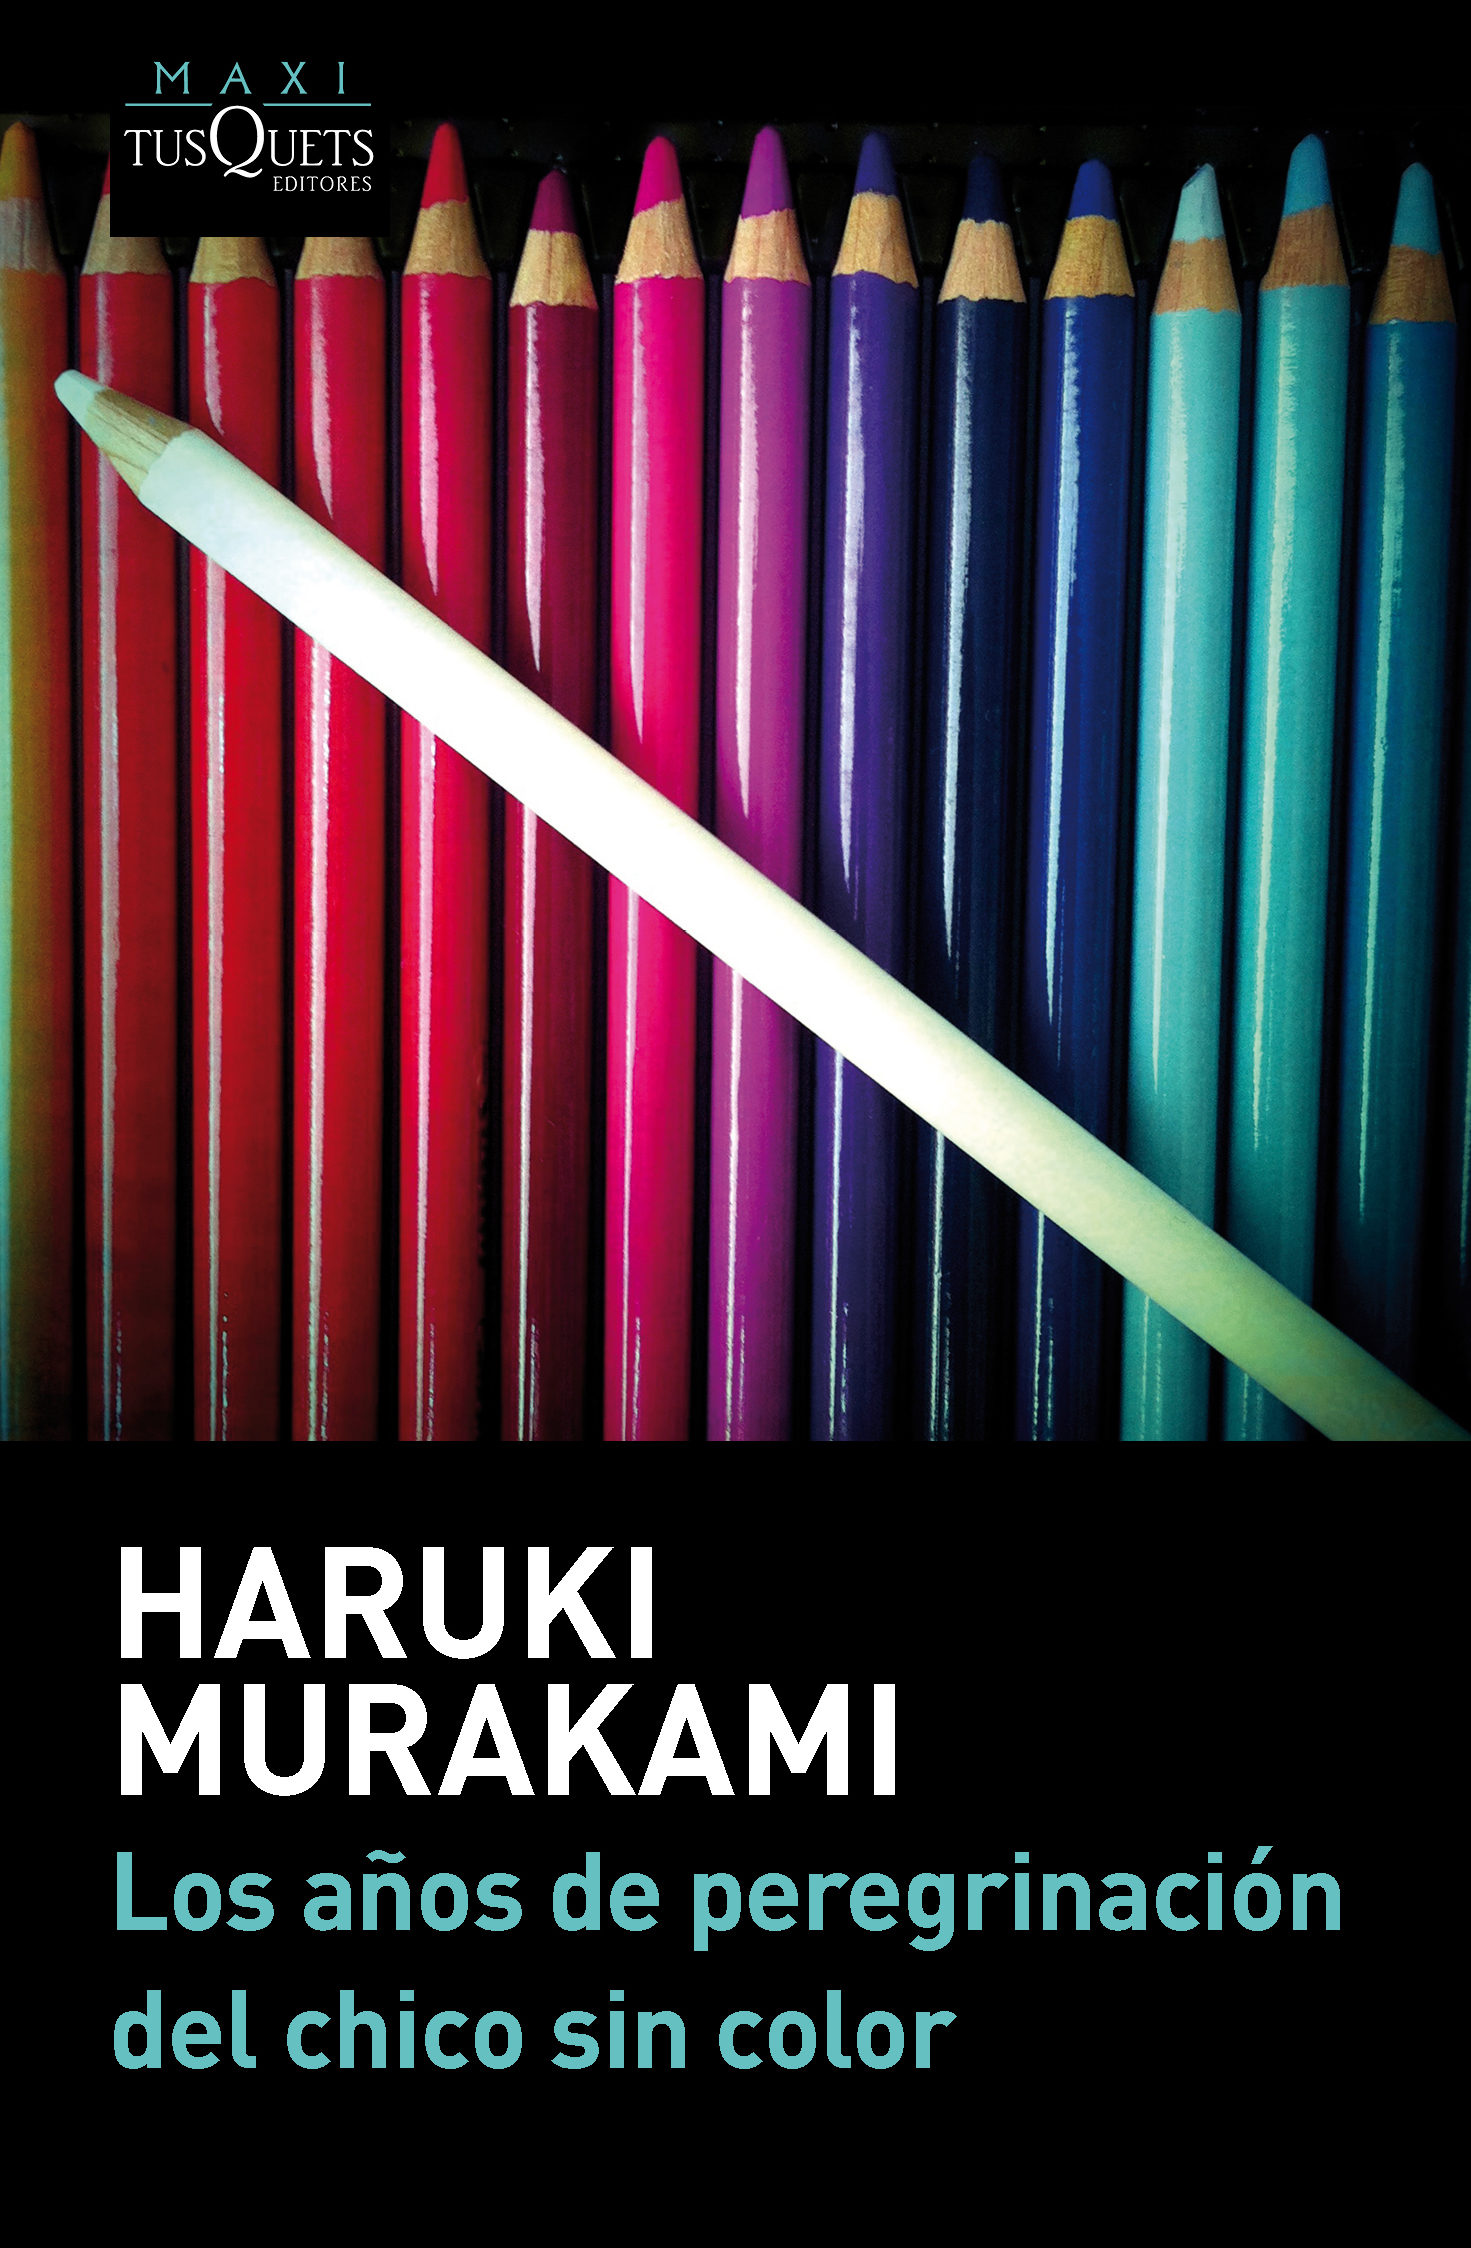 Los años de peregrinación del chico sin color; haruki murakami